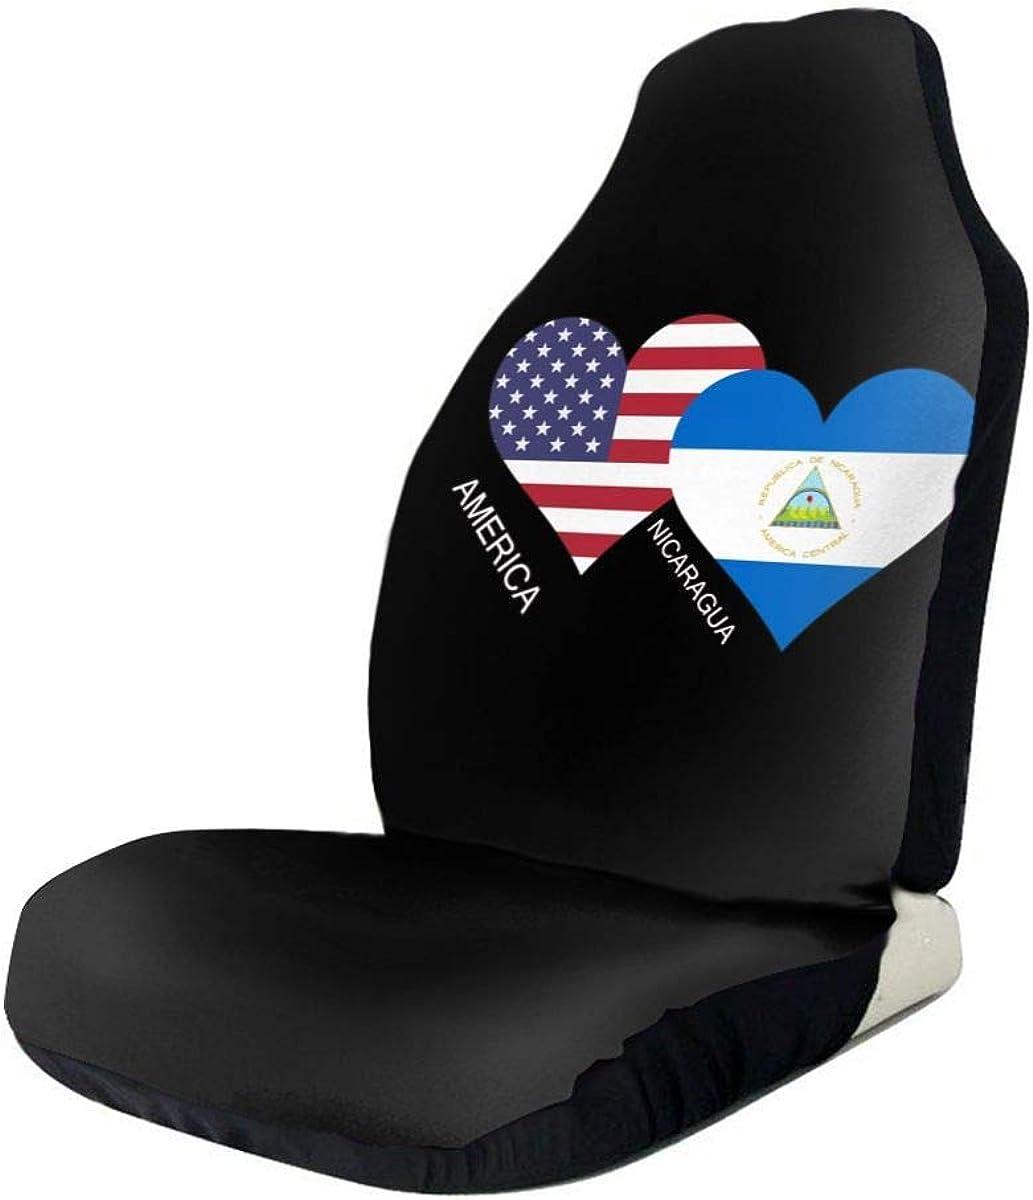 Fall Ing Las fundas de los asientos de coche con el corazón de la bandera de Nicaragua en América se ajustan a la mayoría de los automóviles